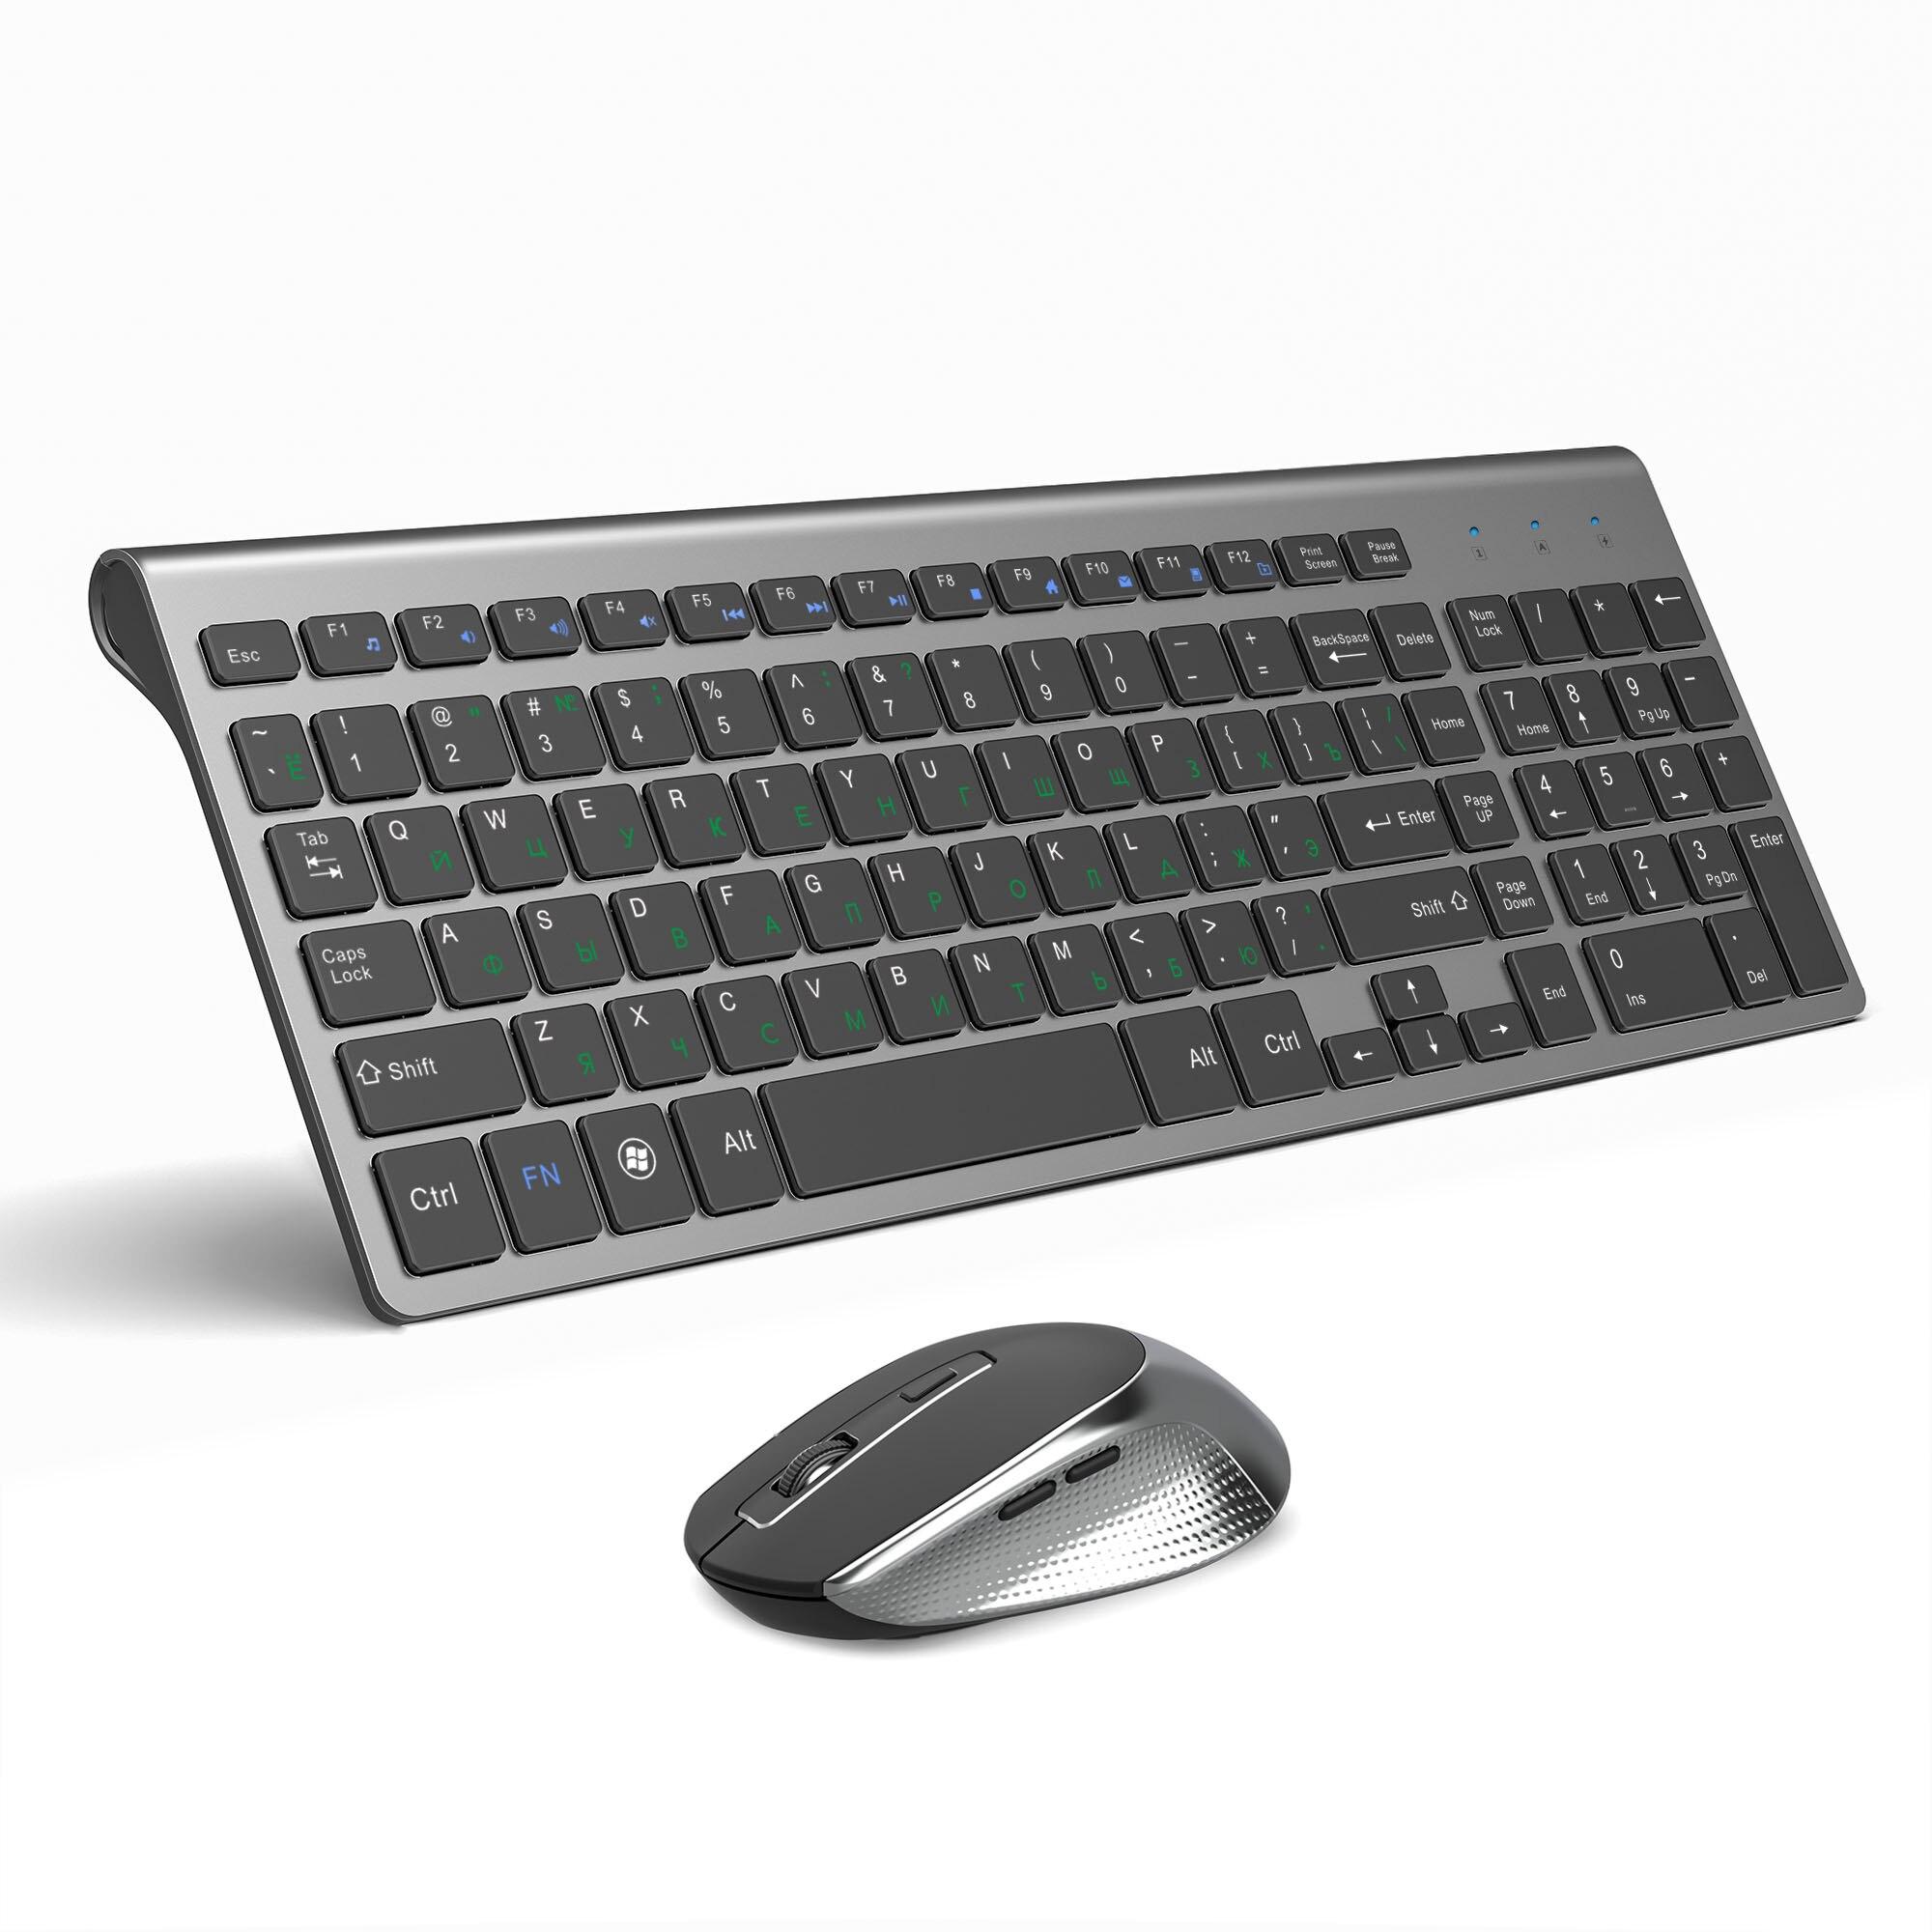 JOYACCESS รัสเซียคีย์บอร์ดไร้สายเมาส์เมาส์ PC เมาส์เงียบปุ่มคีย์บอร์ด 2.4G สำหรับแล็ปท็อป PC